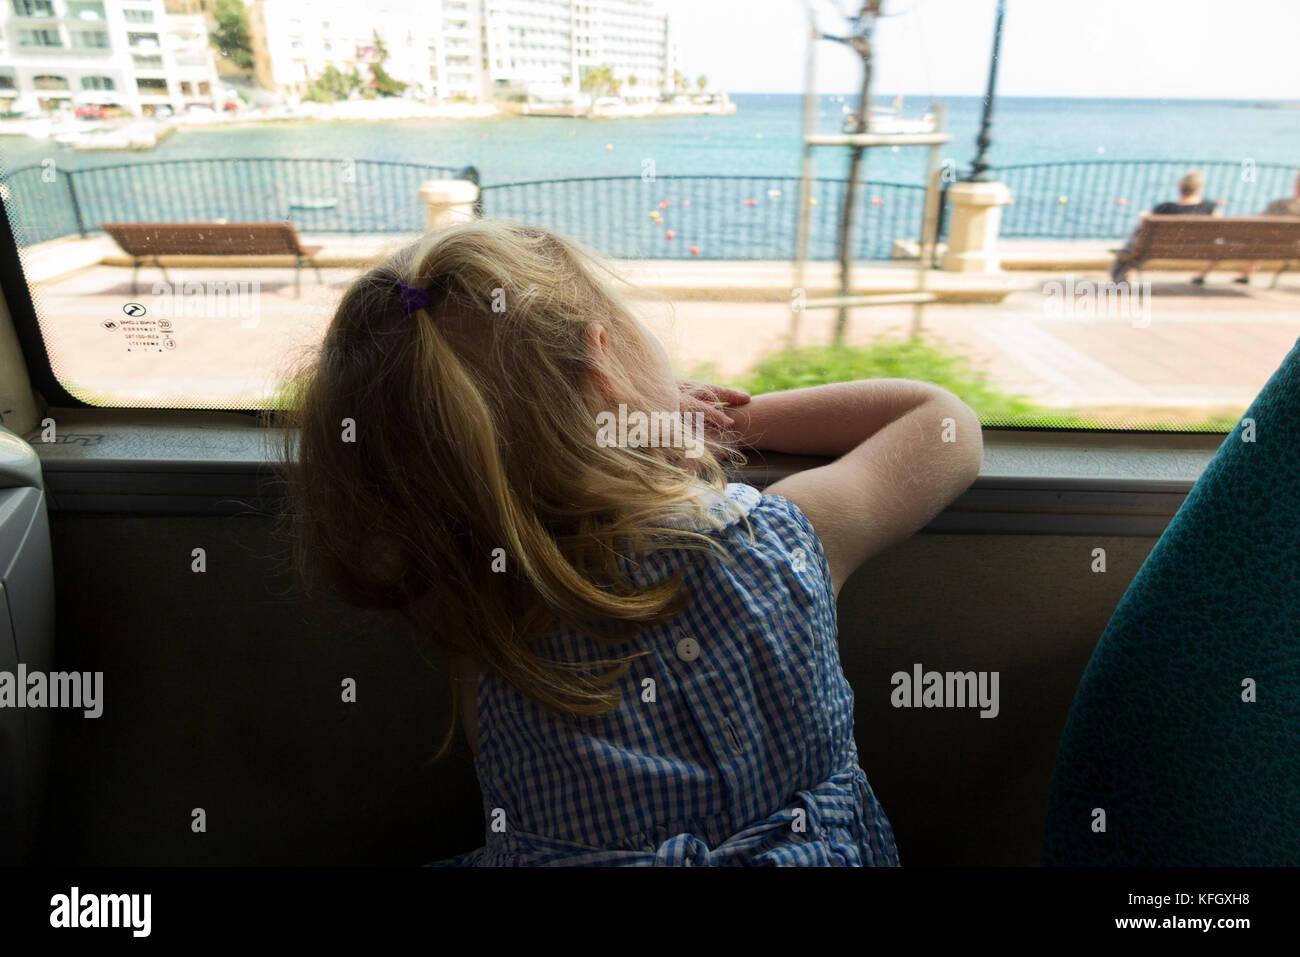 Bimba di tre anni / bambino / passeggero / i passeggeri che viaggiano su un autobus pubblico / utilizzando i mezzi Immagini Stock